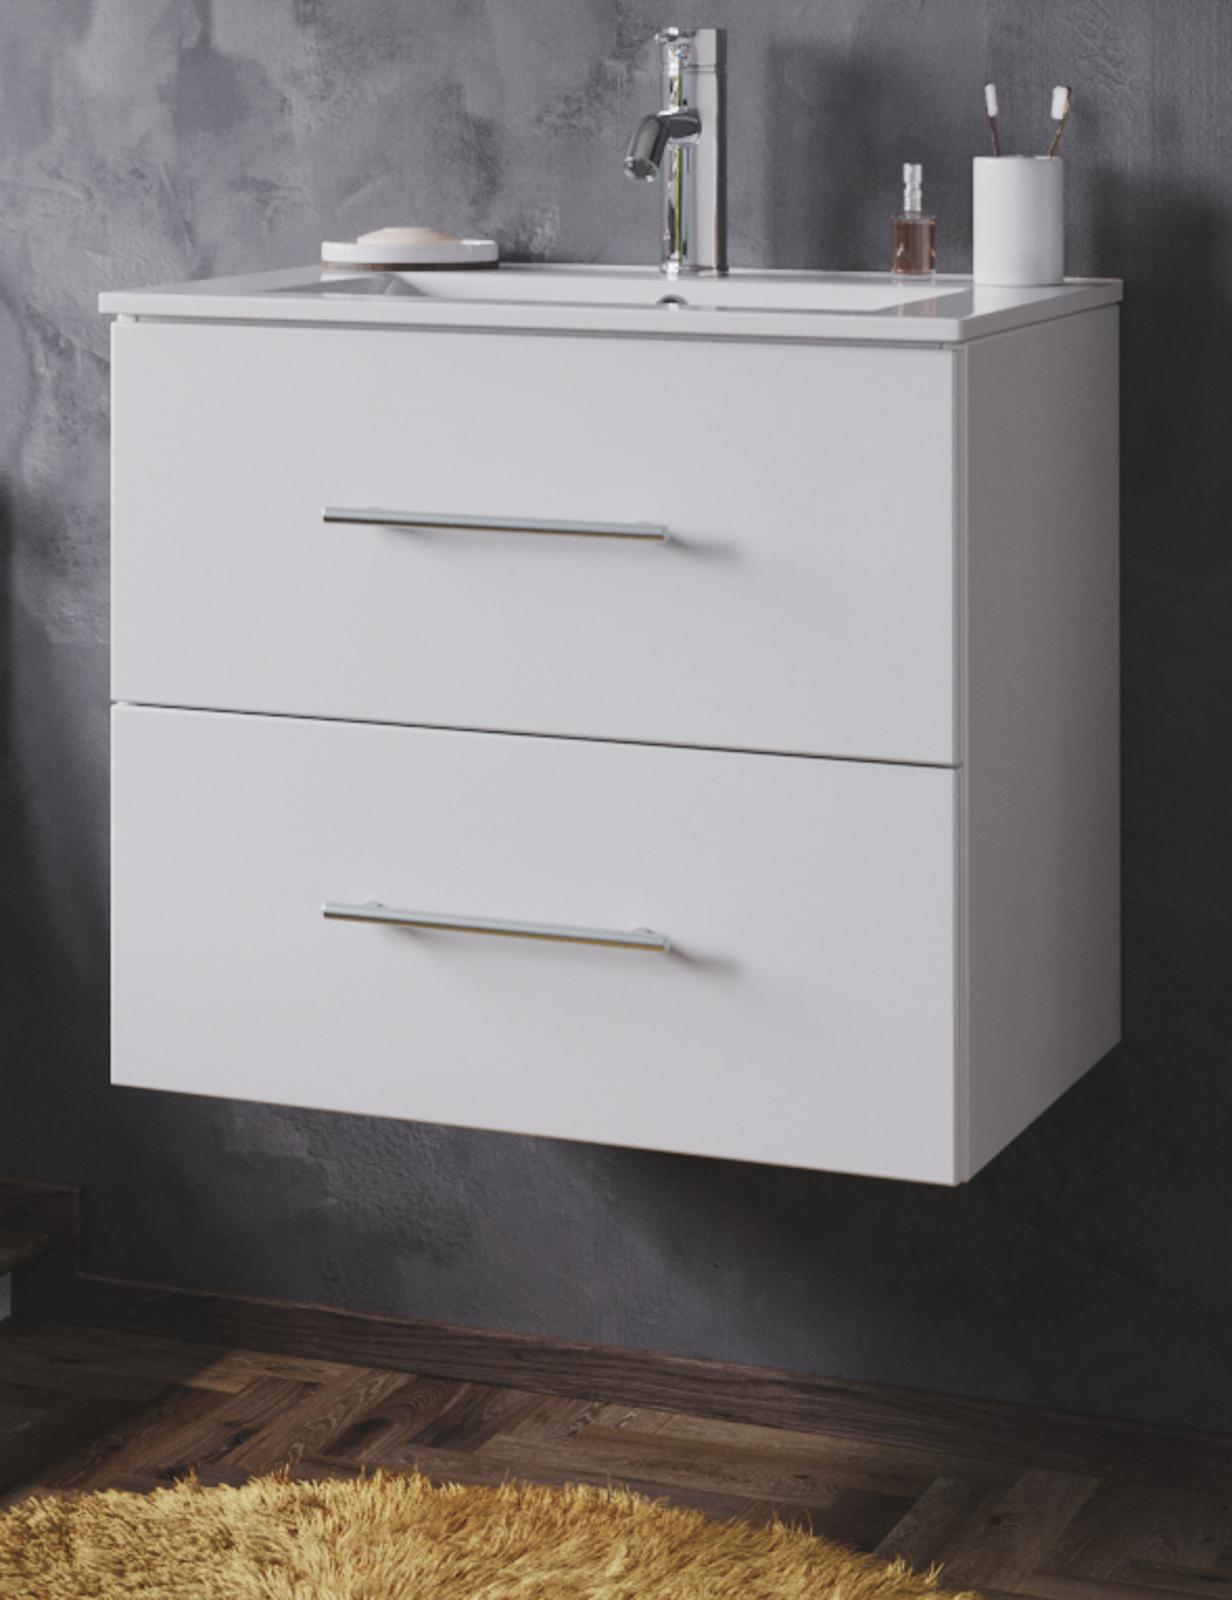 60 cm Waschbeckenunterschrank mit Waschbecken Landhaus weiß Waschtisch Ole ca